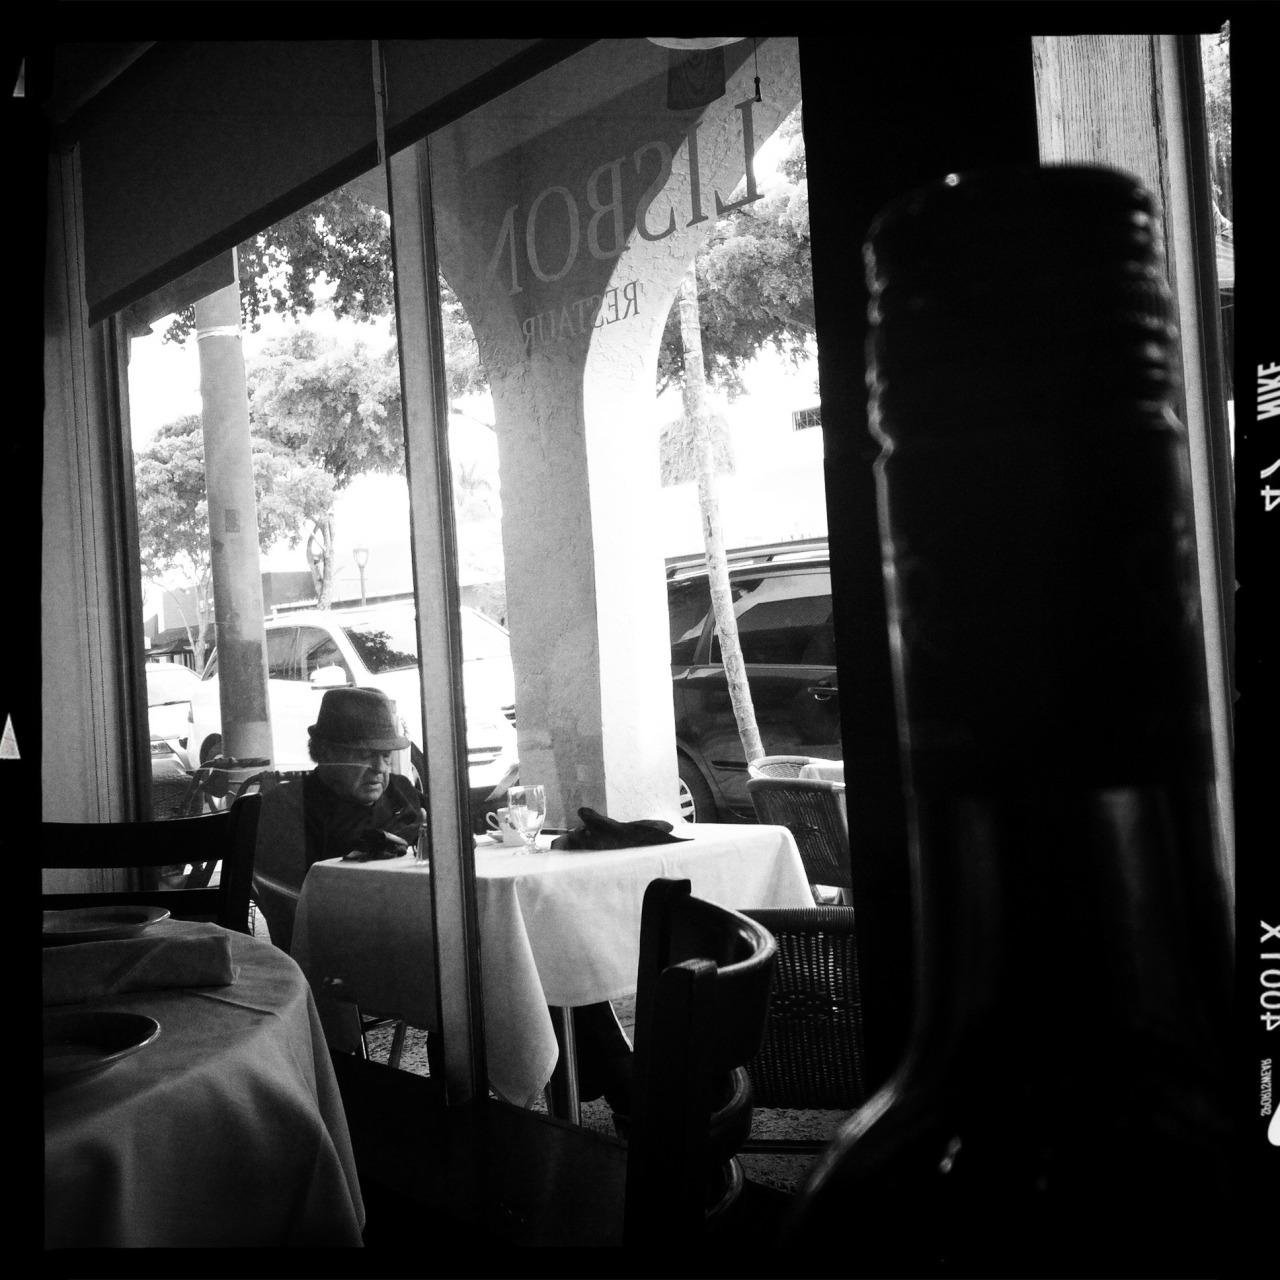 Lisboa, Miami   Tecnicamente, a anterior é mais perfeitinha. Eu prefiro essa